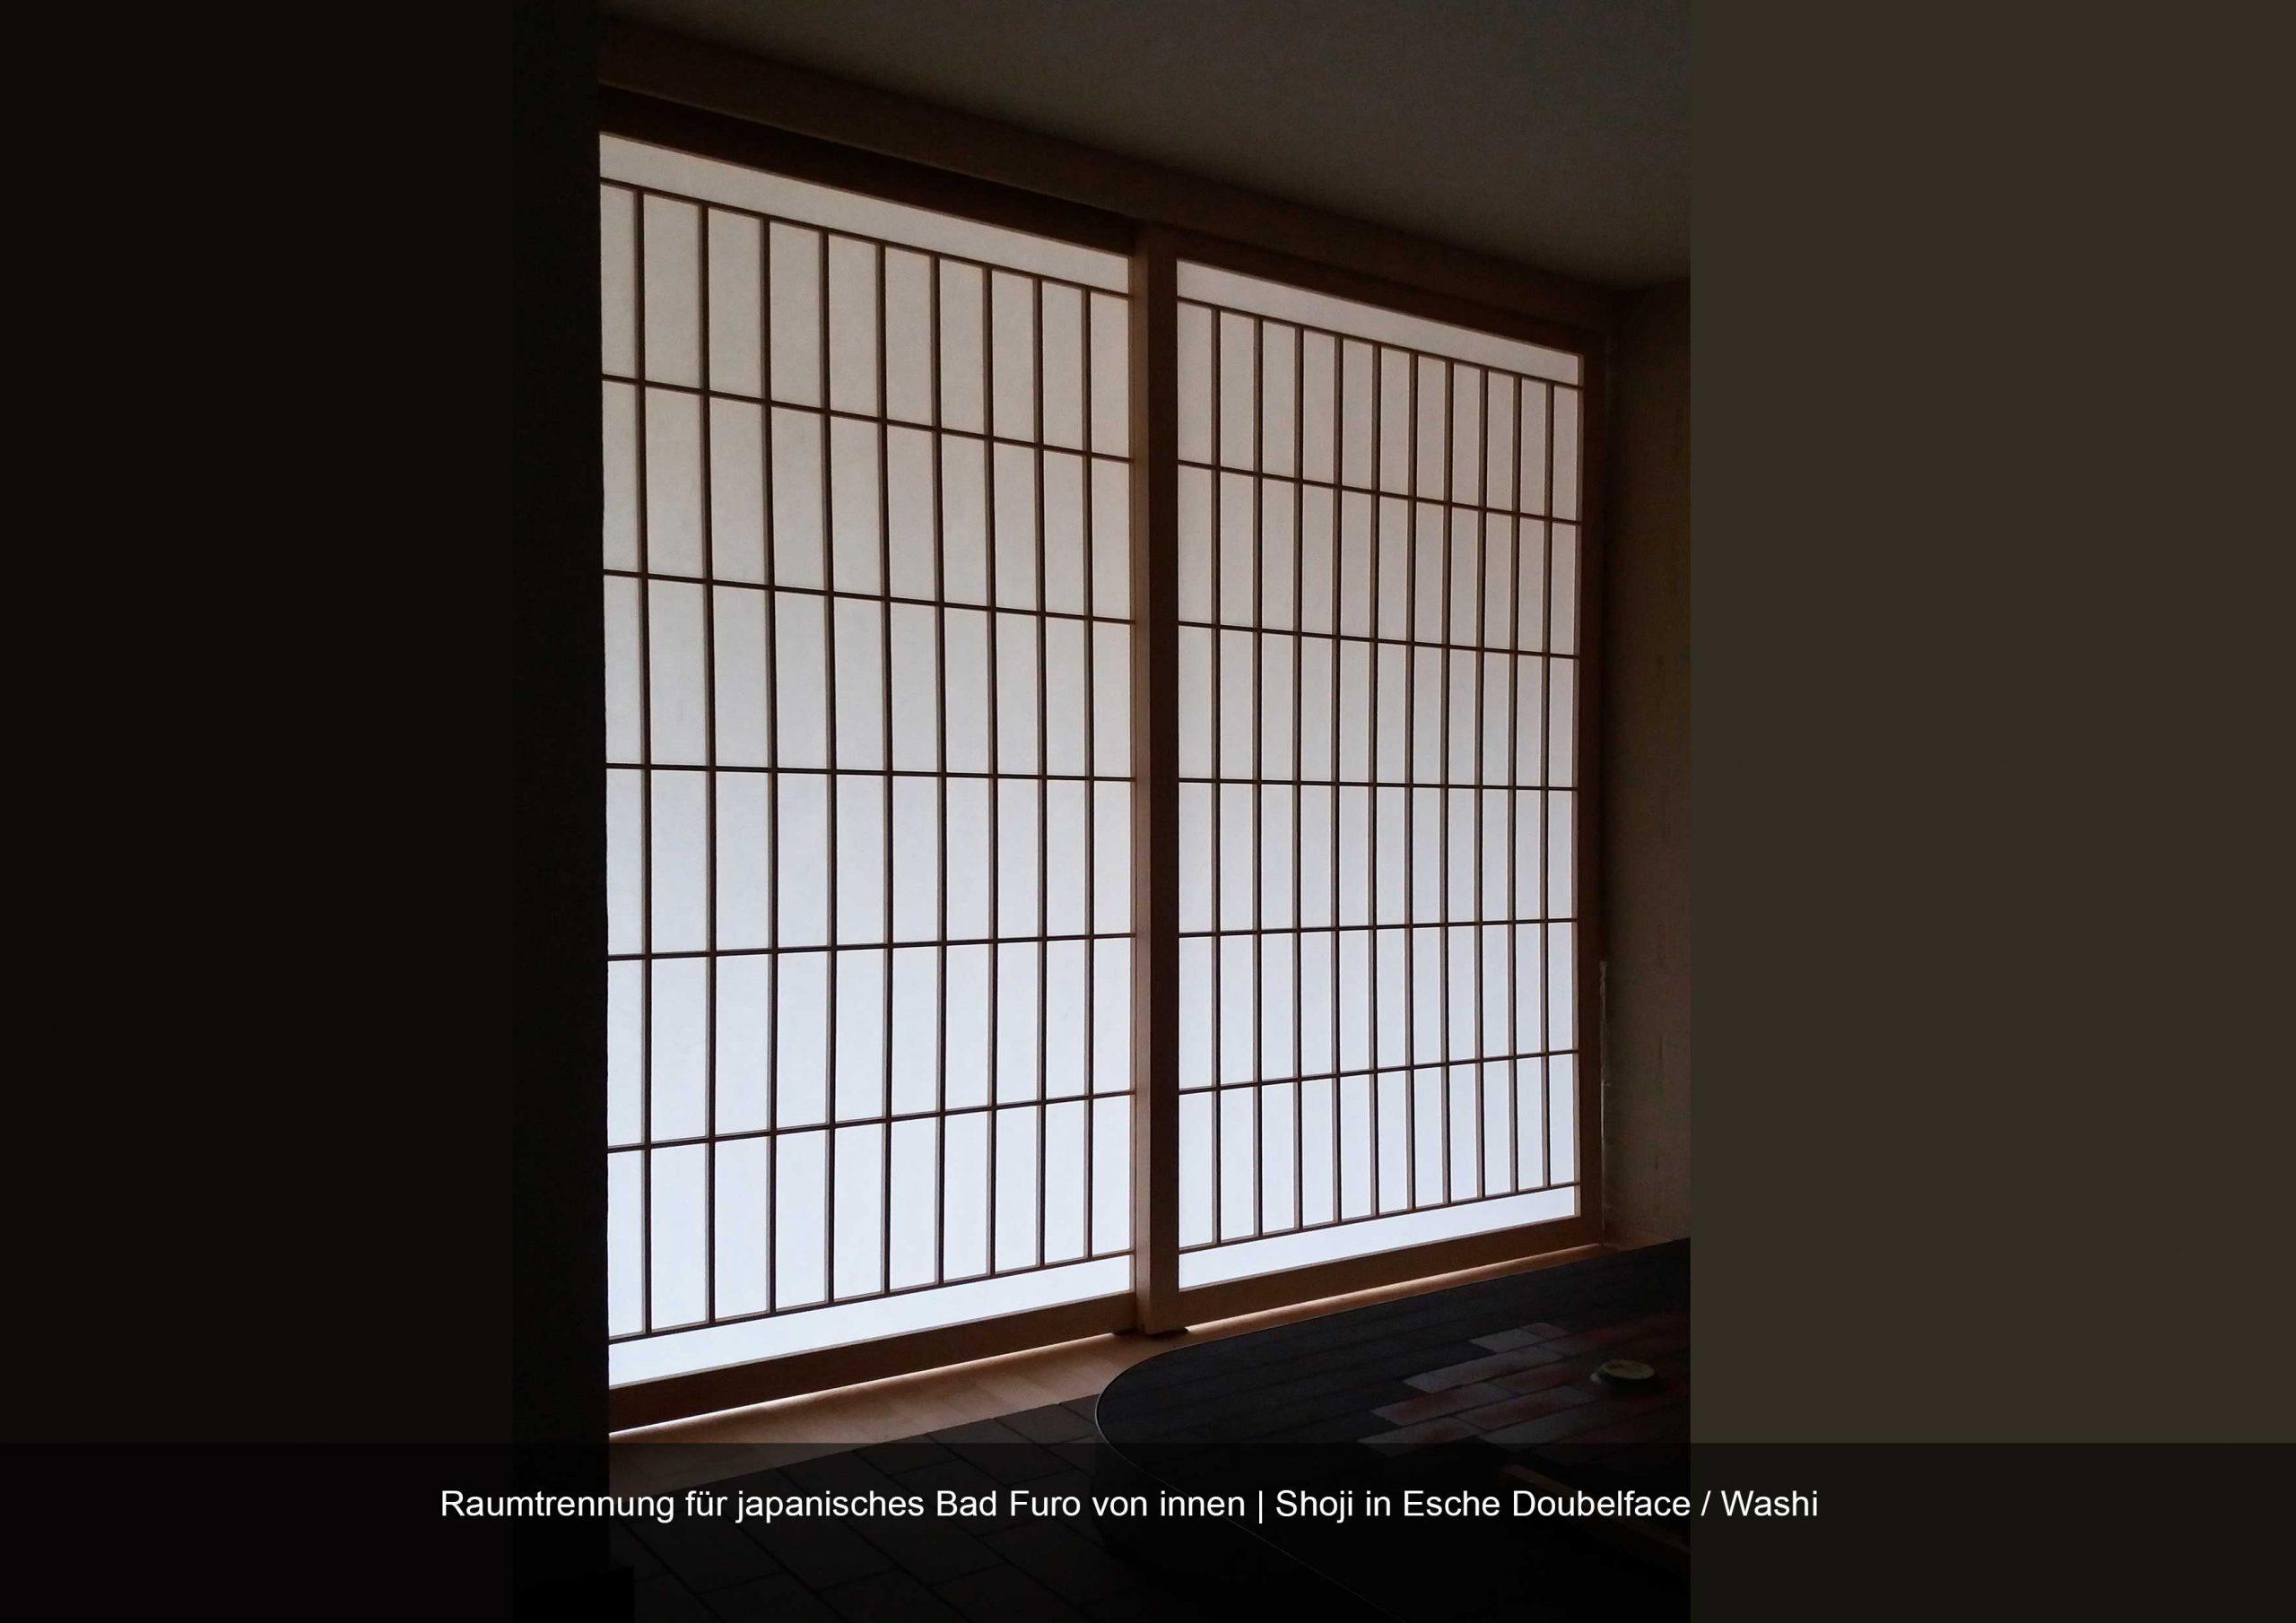 Shoji Raumtrennung Massivholz Esche geölt Bespannung Washipapier